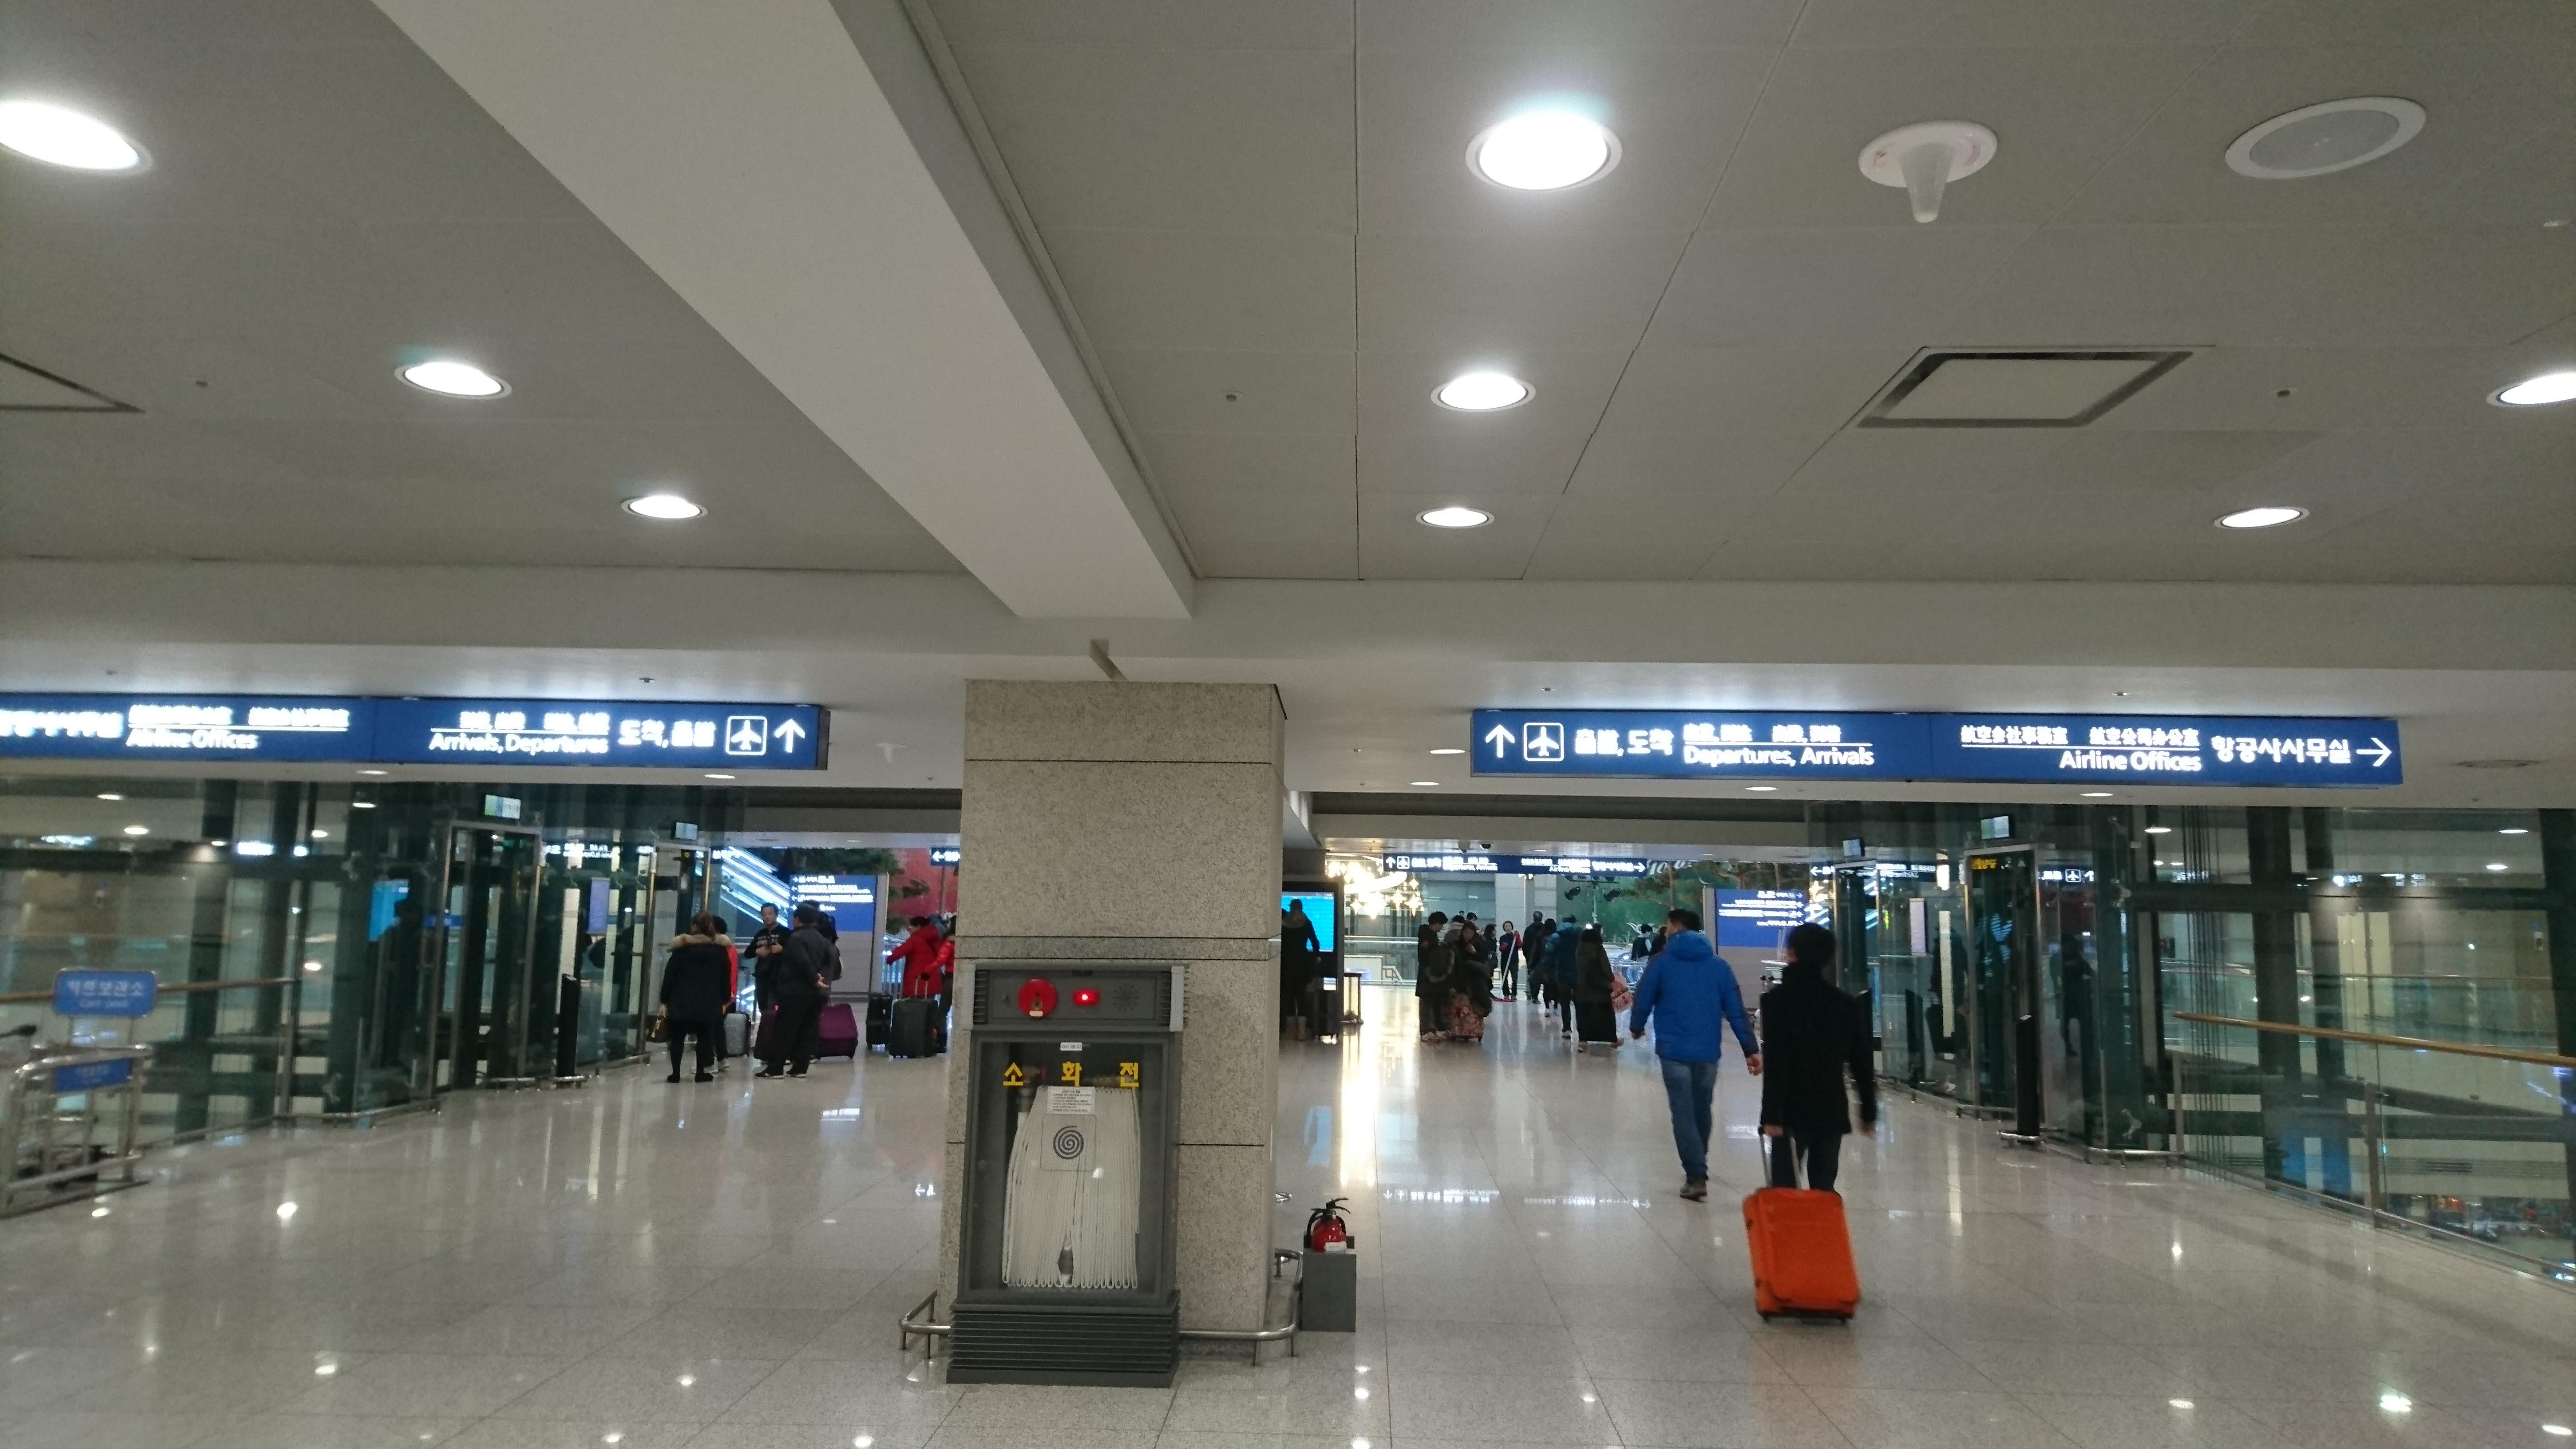 連絡通路を抜けると、いよいよ旅客ターミナルが見えてきます。